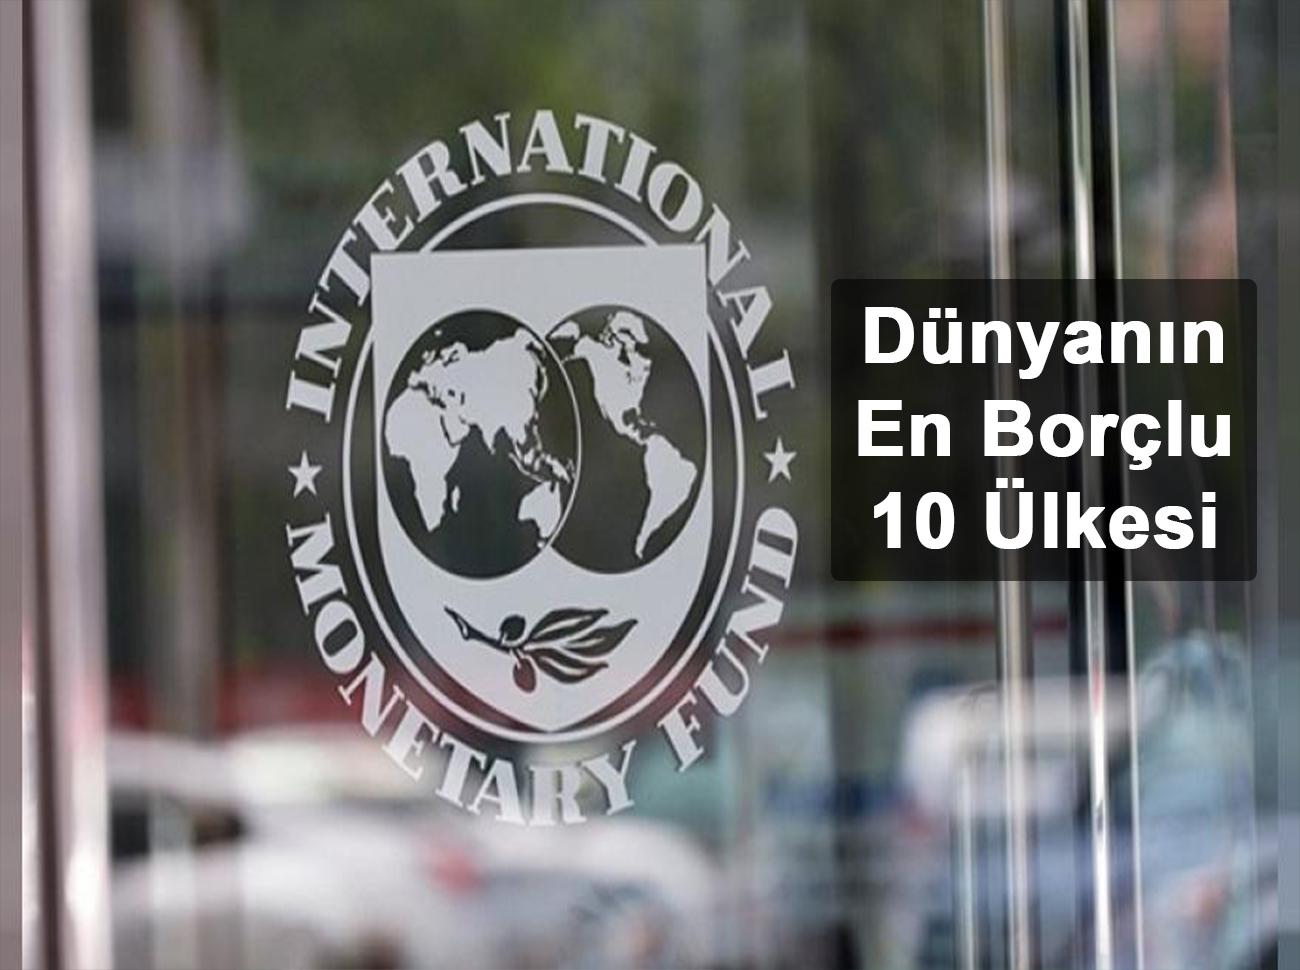 IMF Dünyanın En Borçlu Ülkelerini Açıkladı